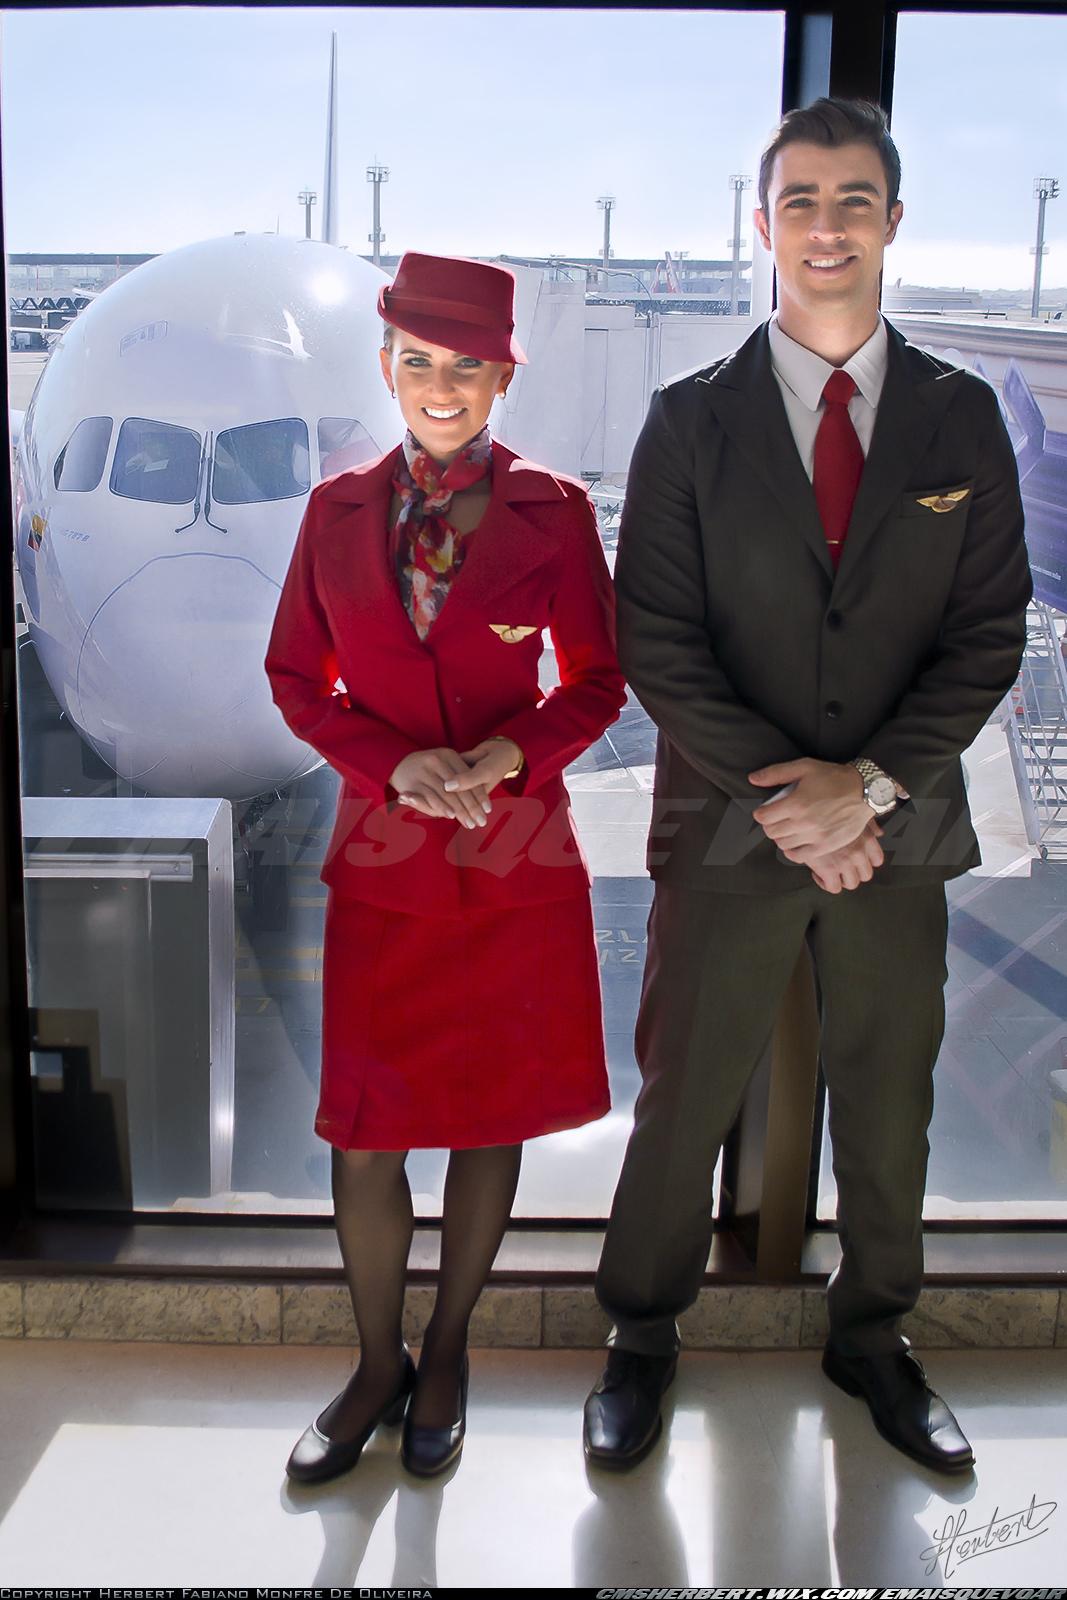 É MAIS QUE VOAR | Conheça o novo uniforme da Avianca Brasil - Foto © Herbert Monfre